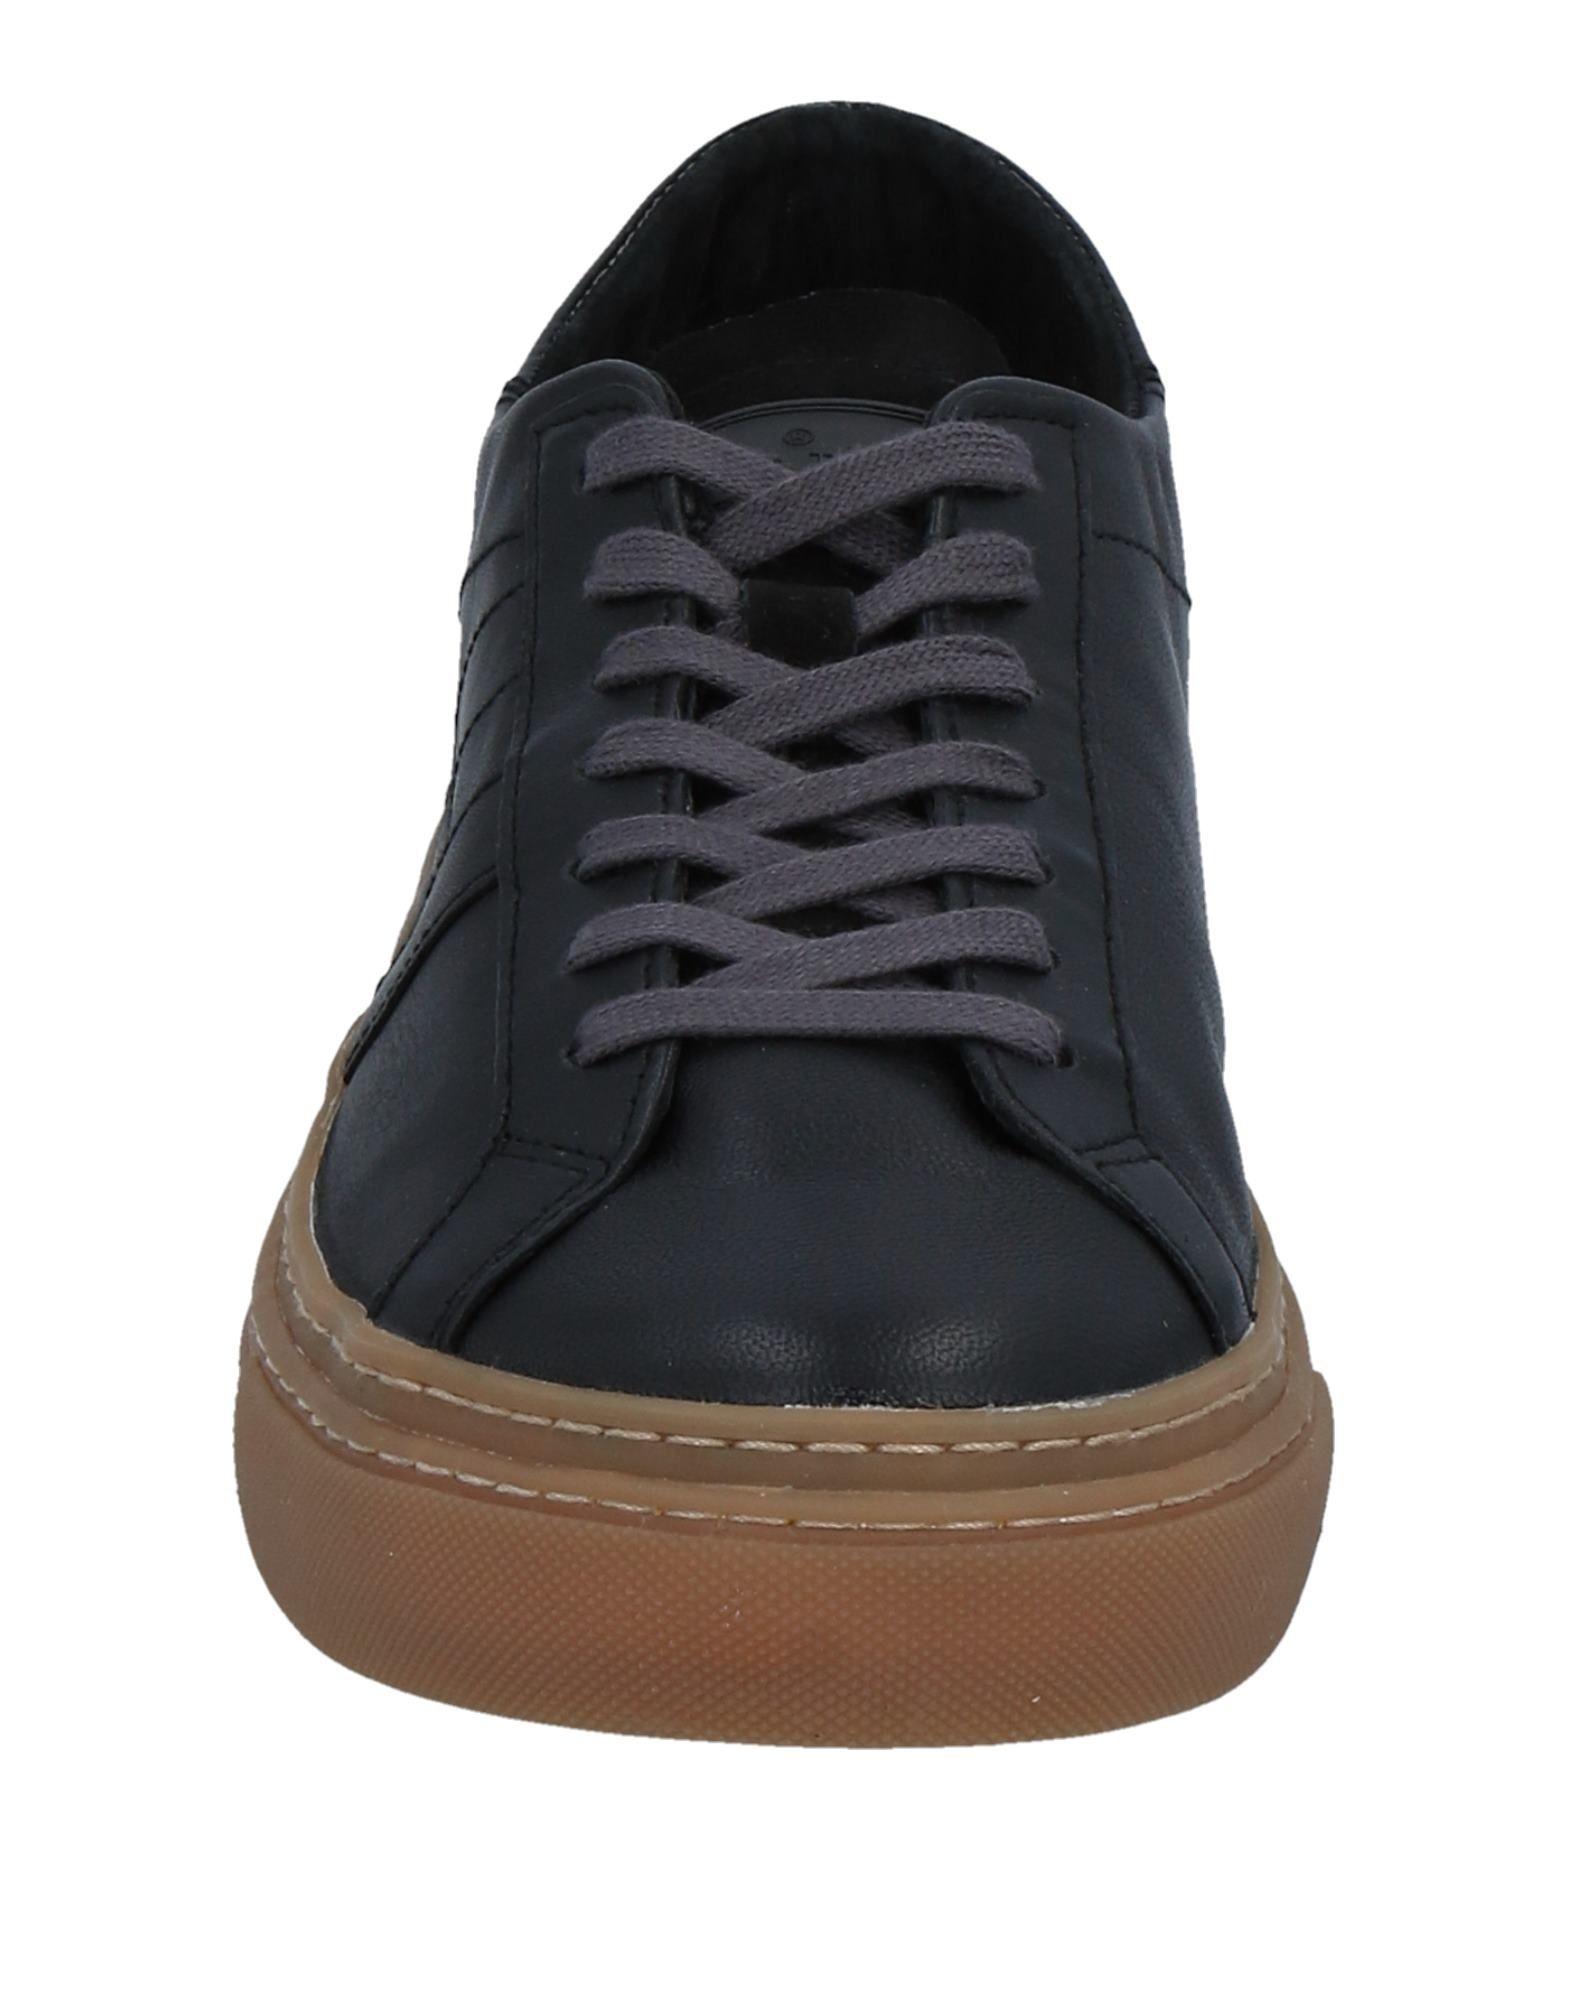 D.A.T.E. Sneakers Herren Herren Sneakers  11510392KG c0a028